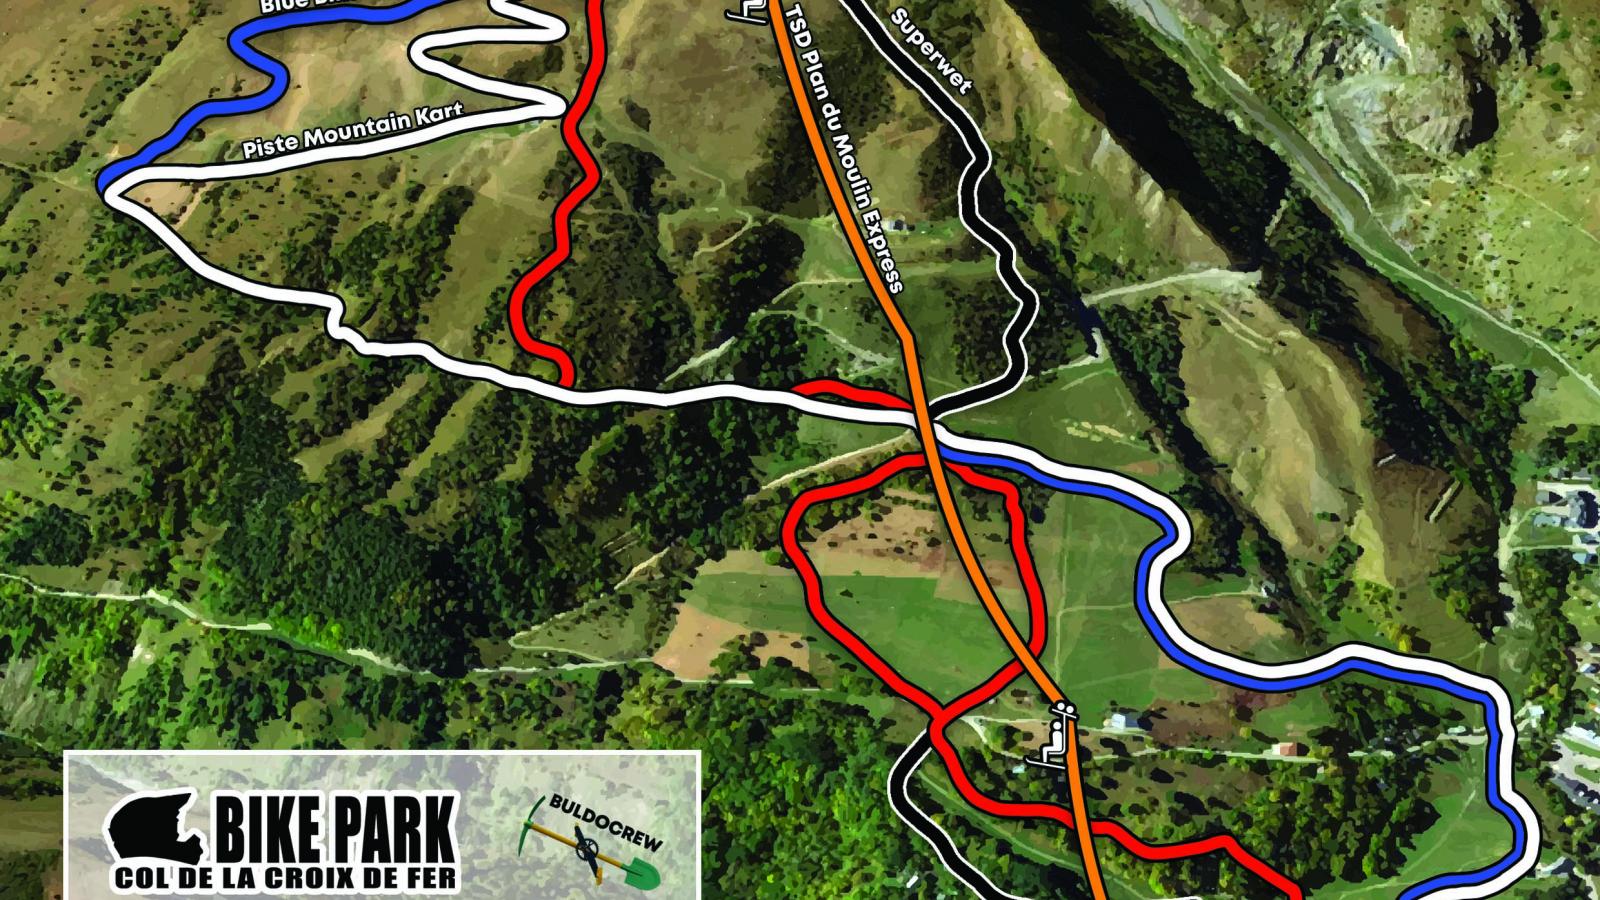 Plan des pistes Bike Park Croix de Fer et Mountain Kart